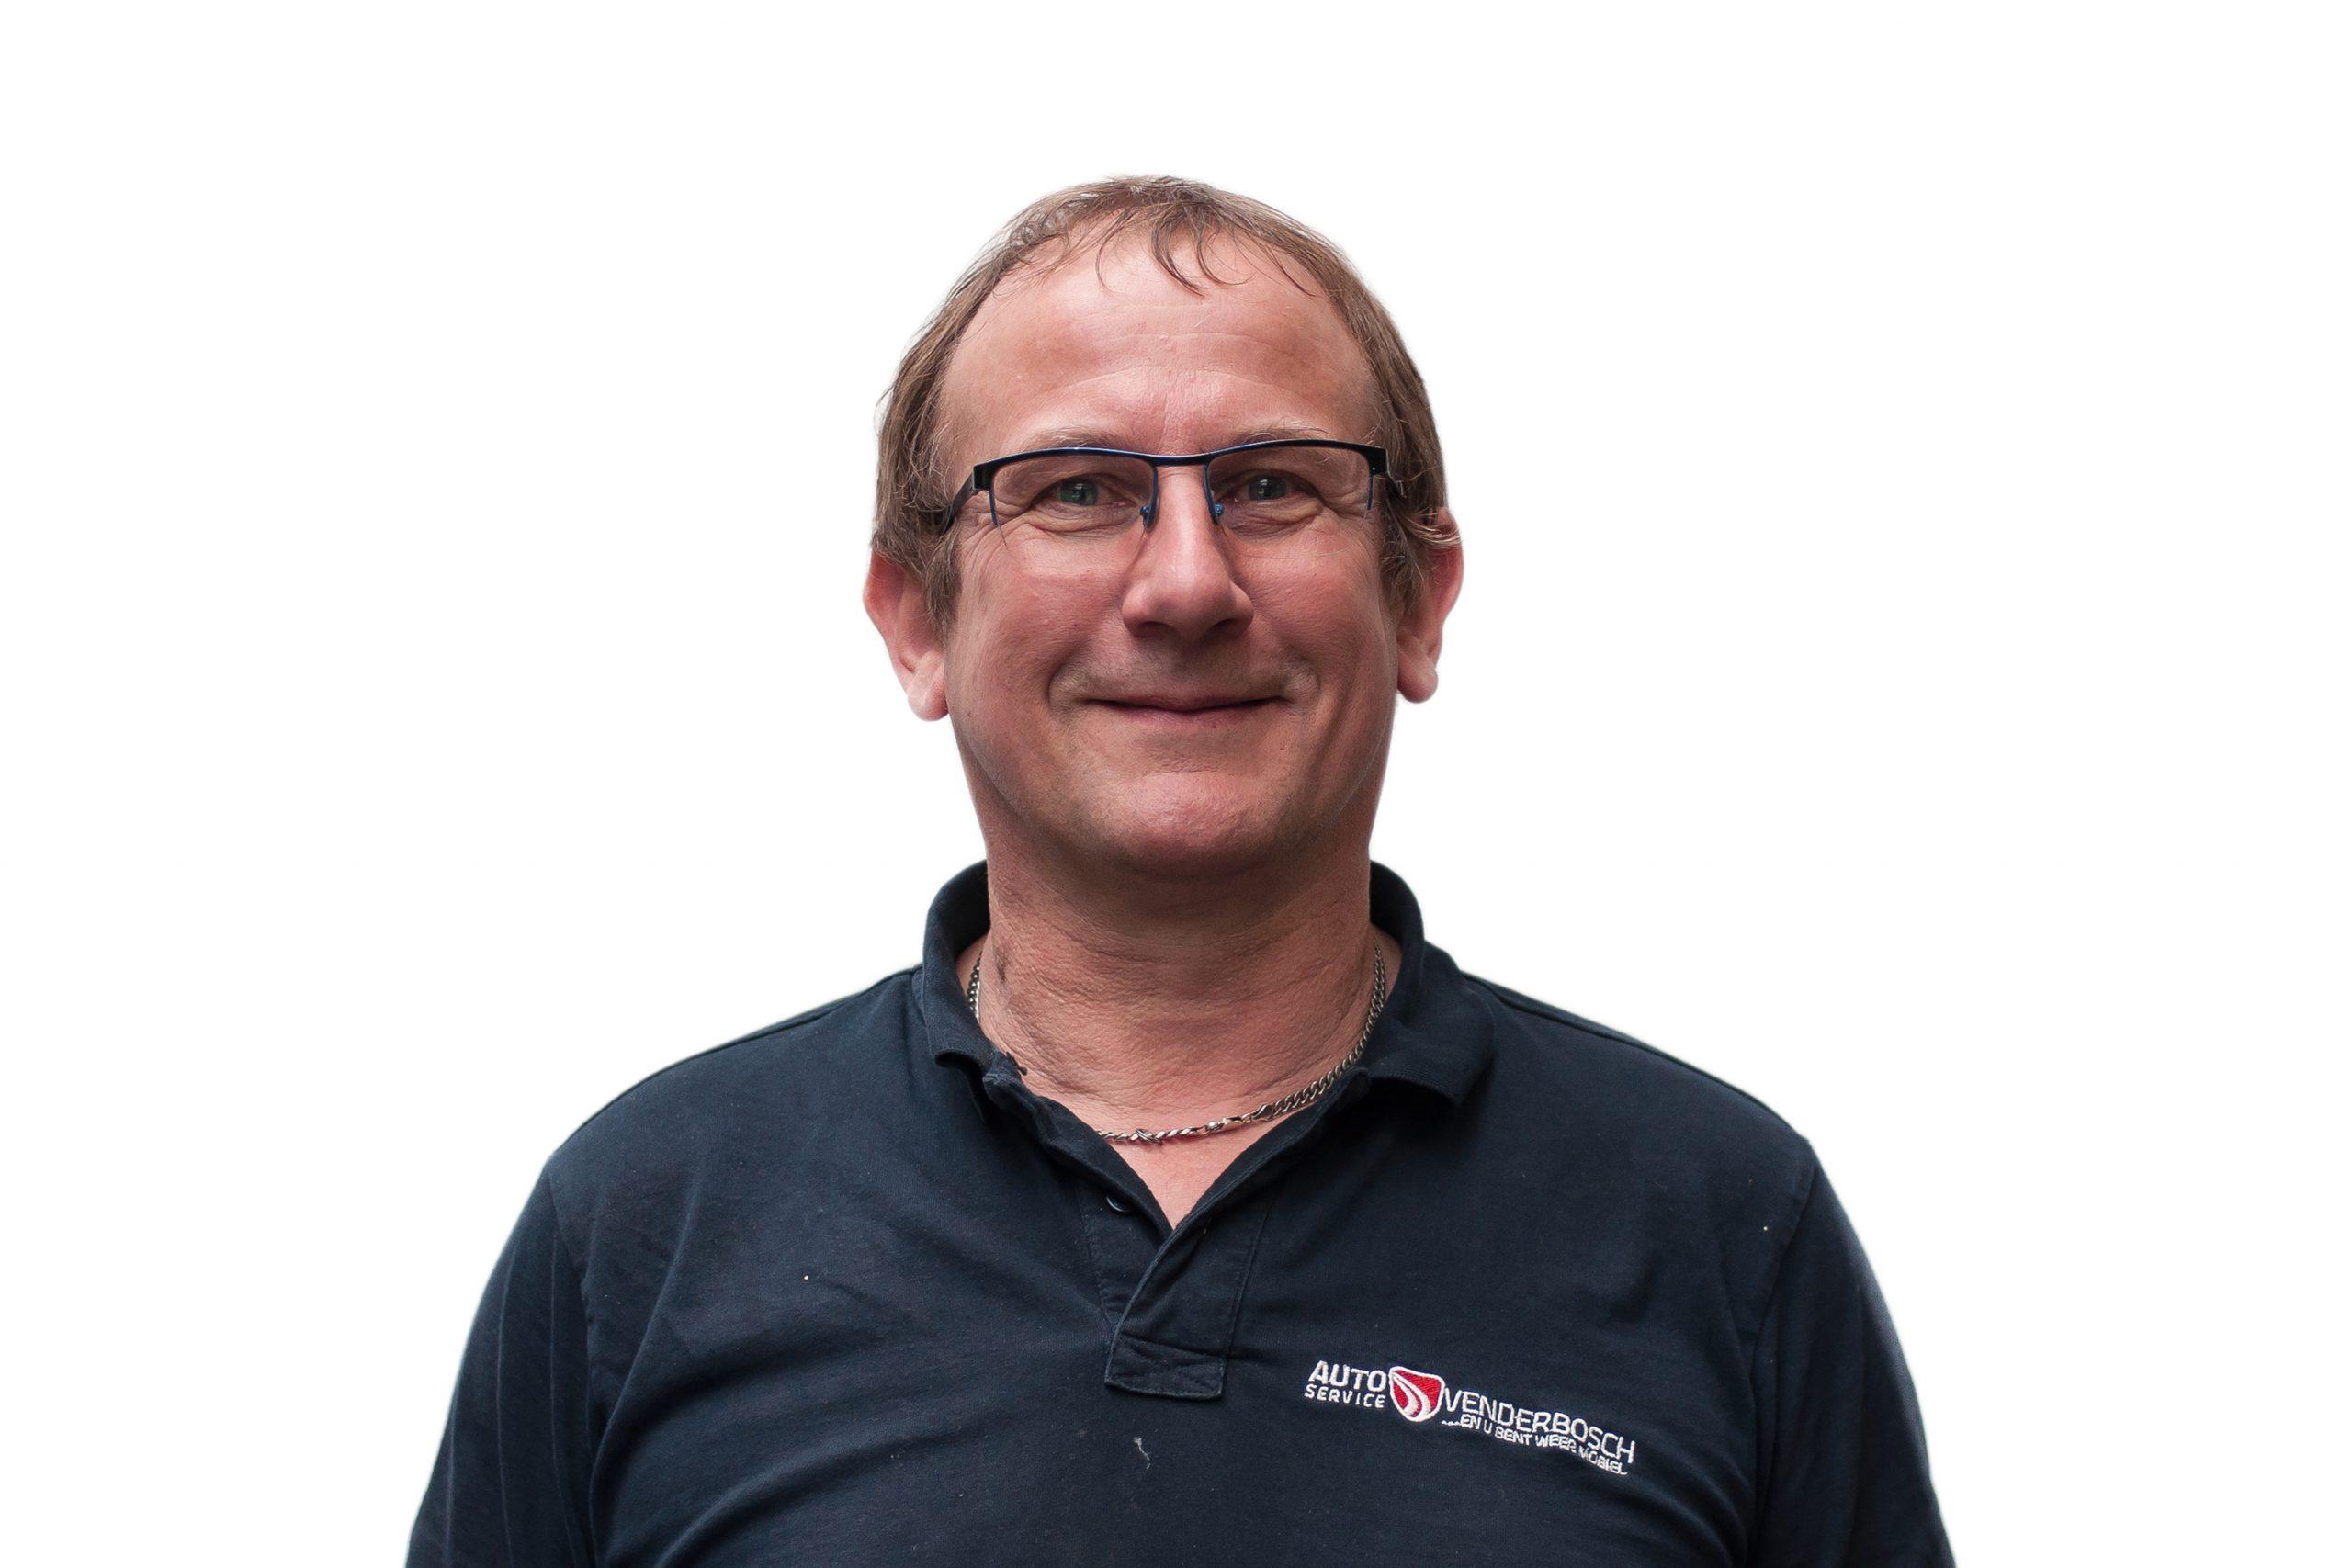 Peter Kolkman